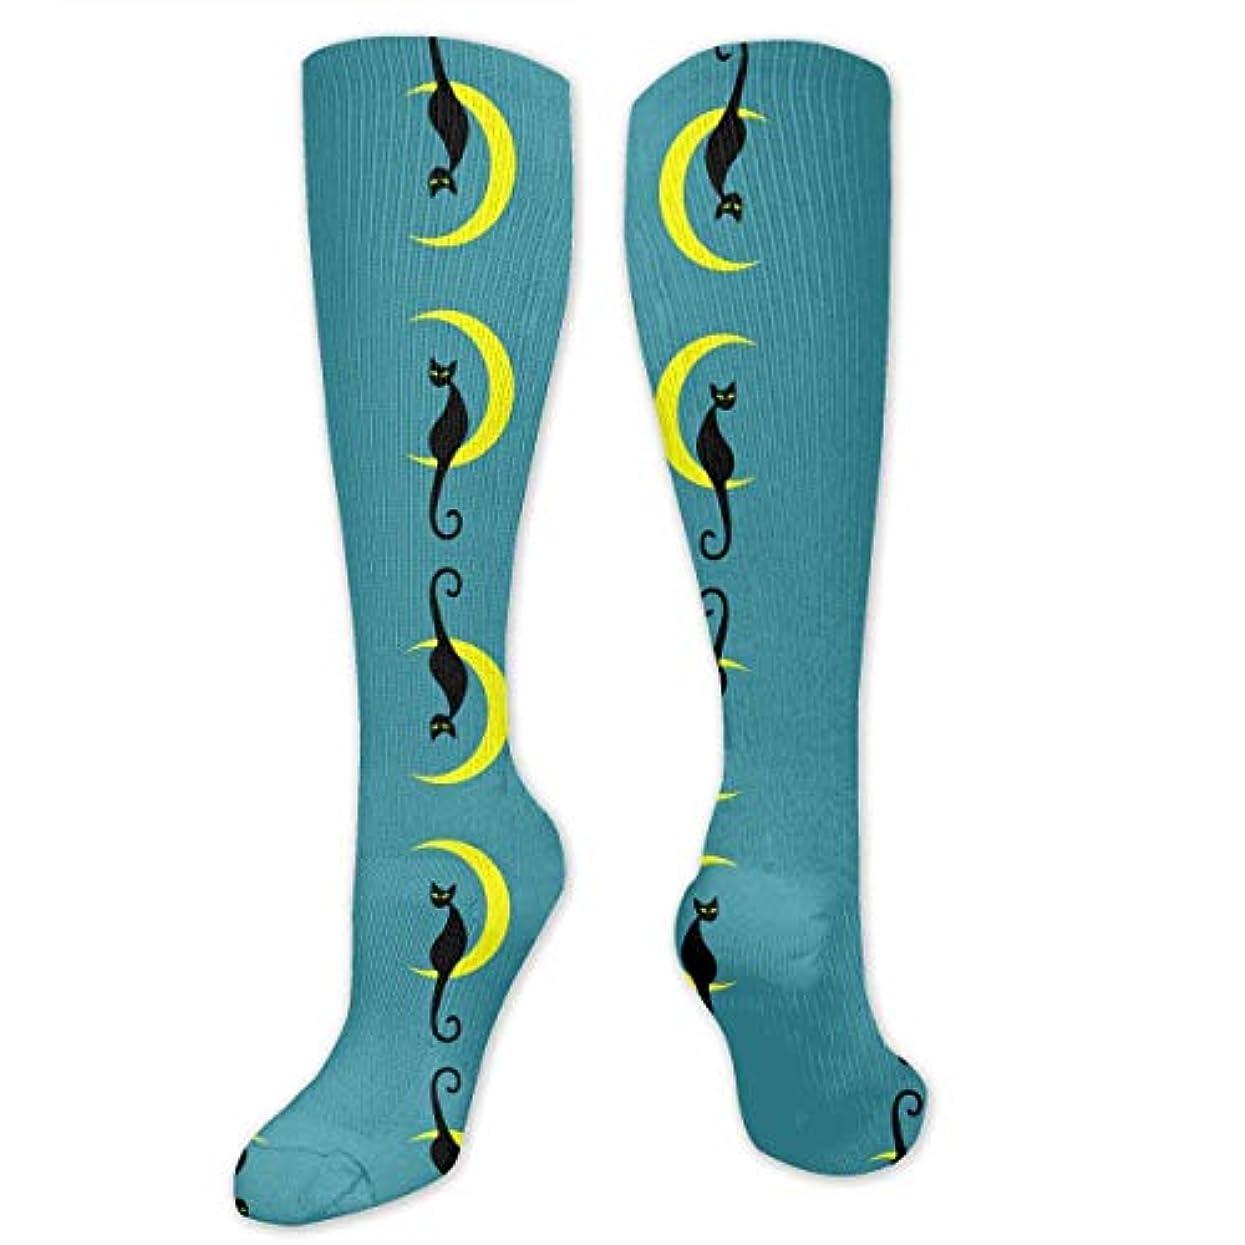 事業献身原子靴下,ストッキング,野生のジョーカー,実際,秋の本質,冬必須,サマーウェア&RBXAA Cute Black Cat Moon Socks Women's Winter Cotton Long Tube Socks Cotton...